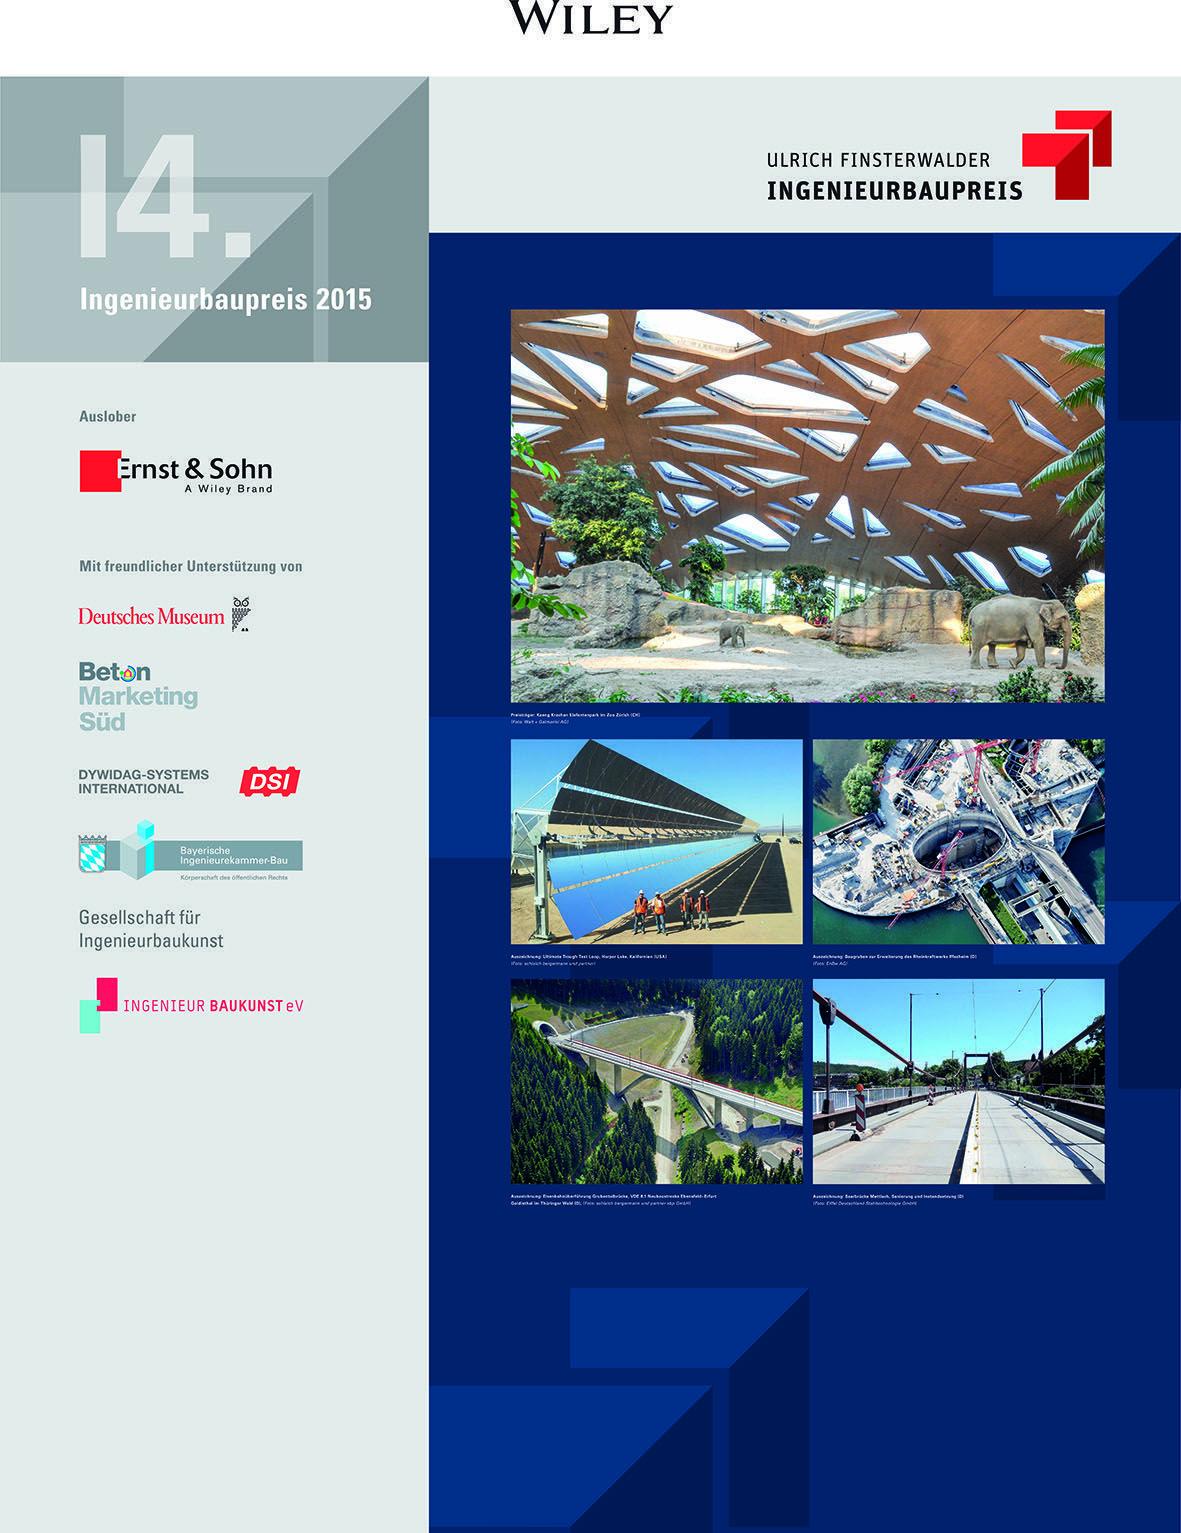 Ingenieurbaupreis 2015